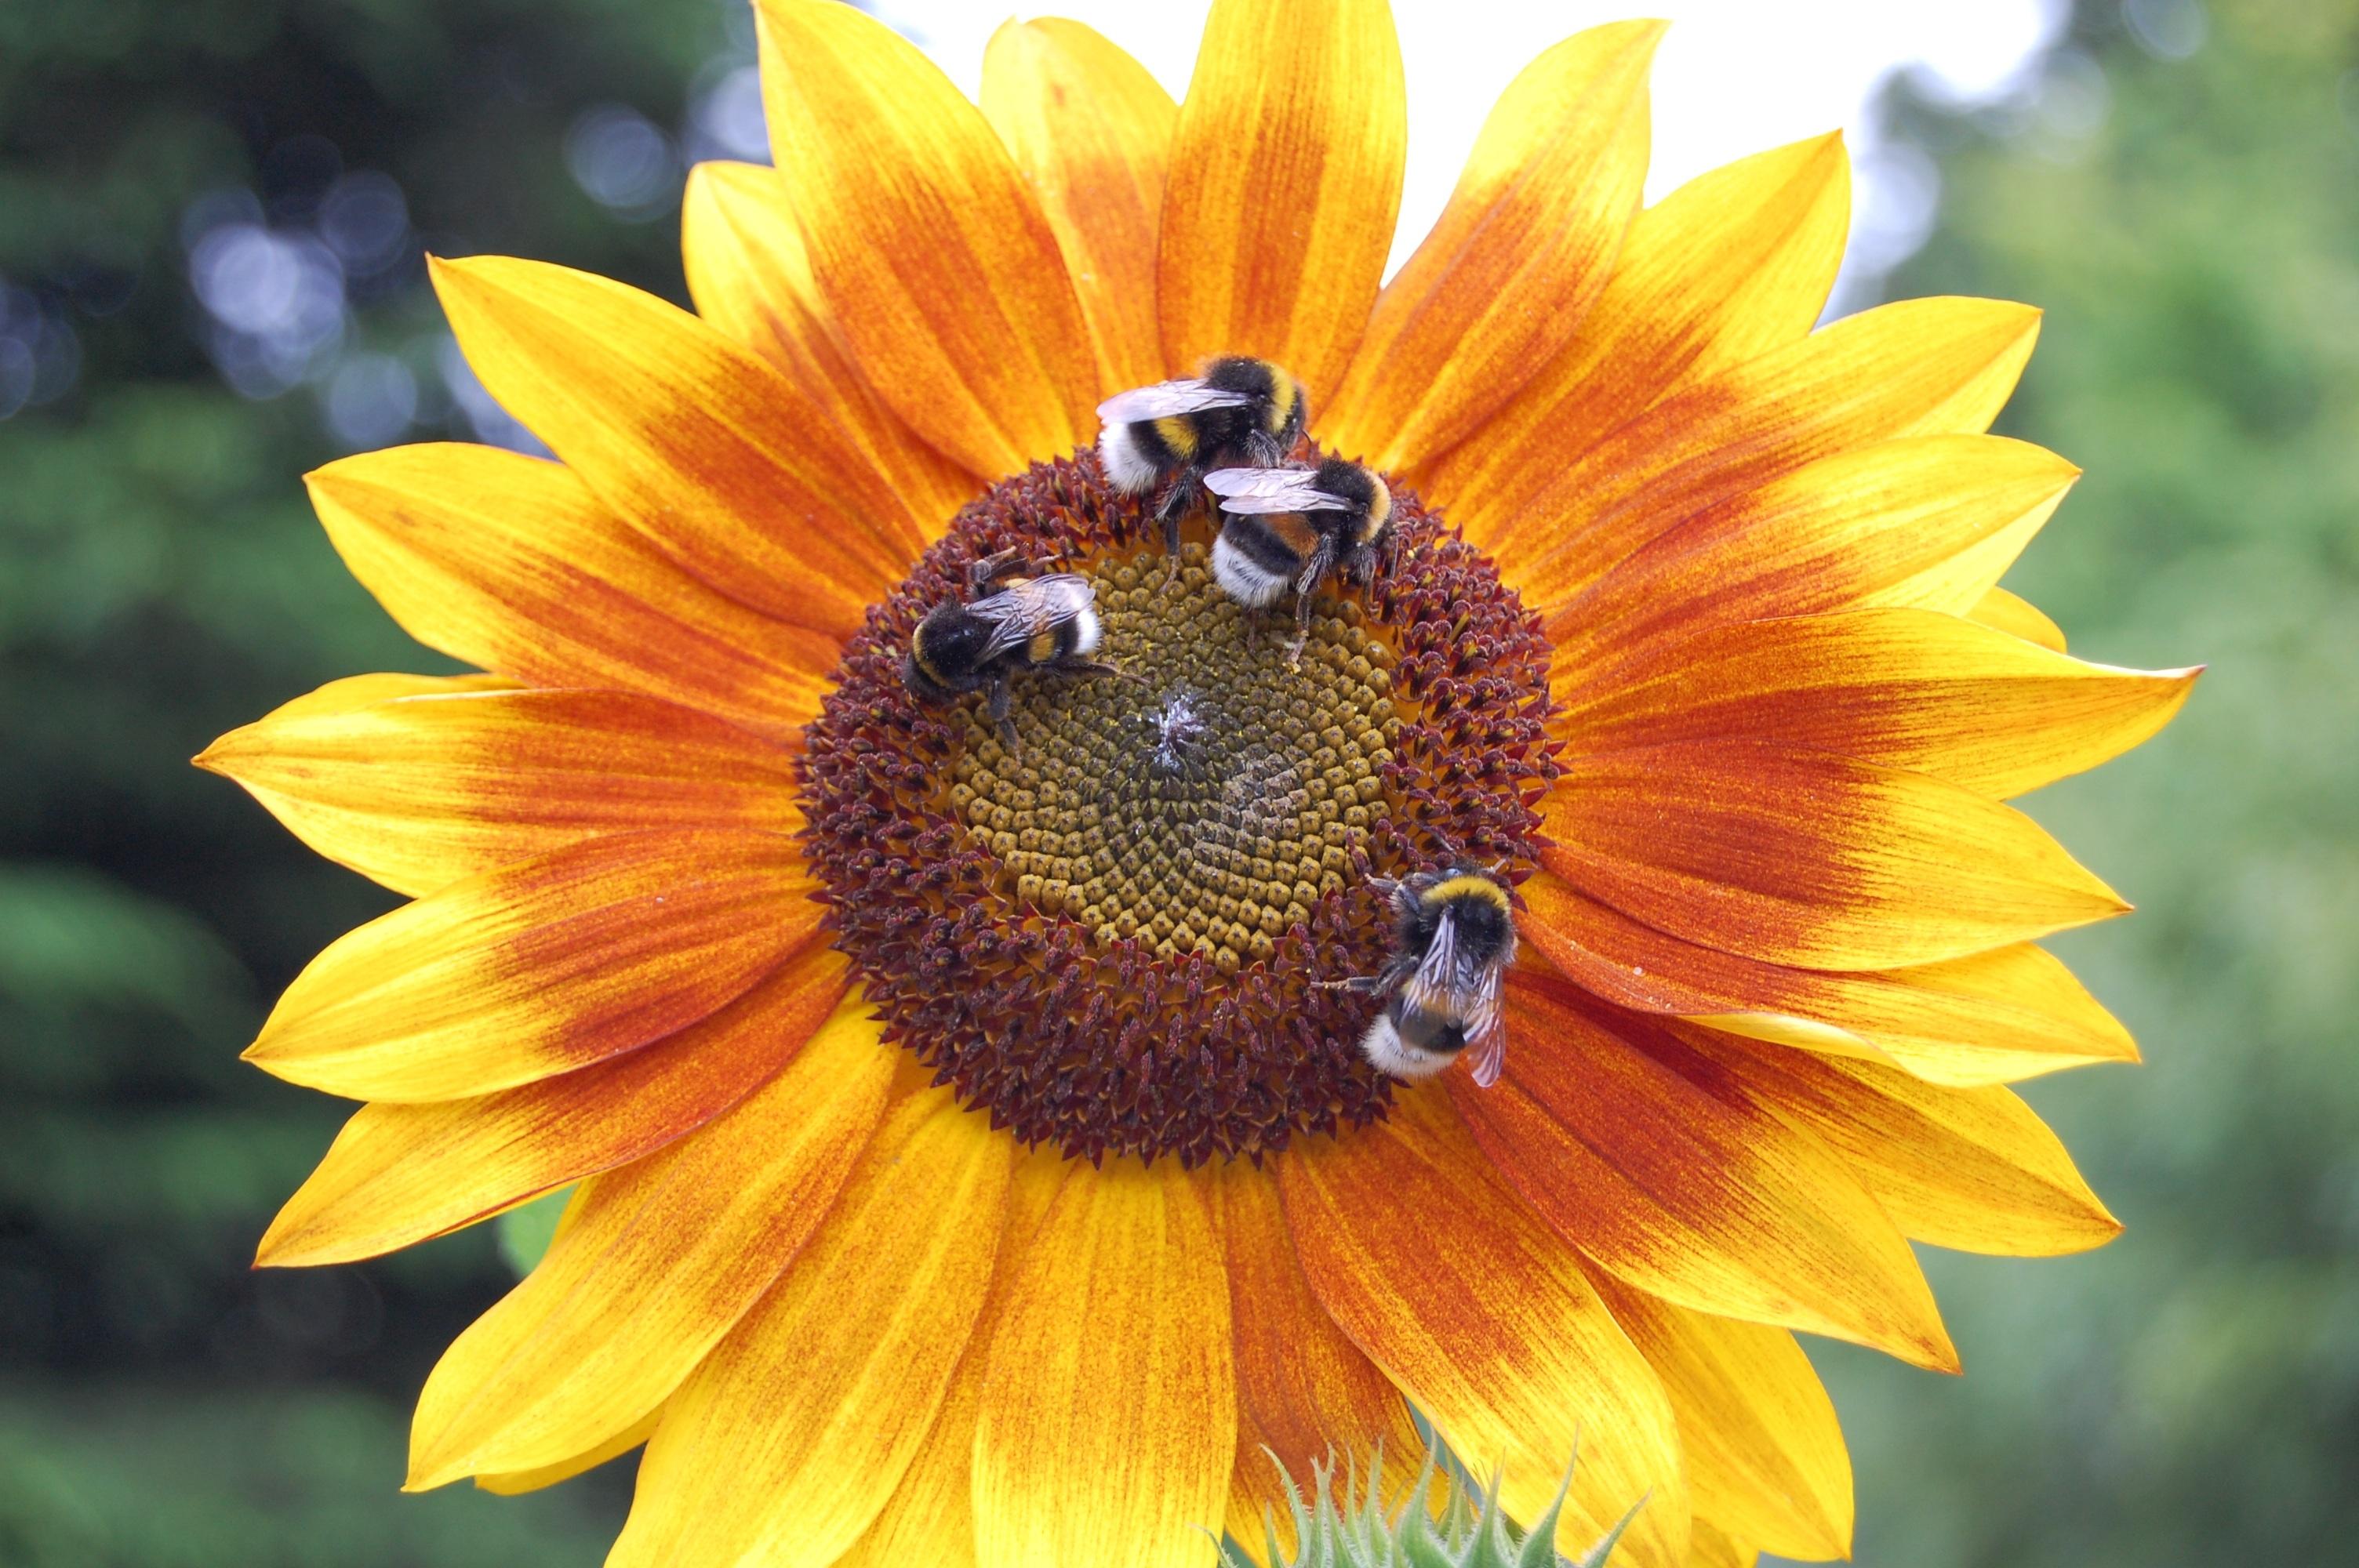 140388 скачать обои Насекомые, Цветы, Цветок, Подсолнух, Шмели - заставки и картинки бесплатно